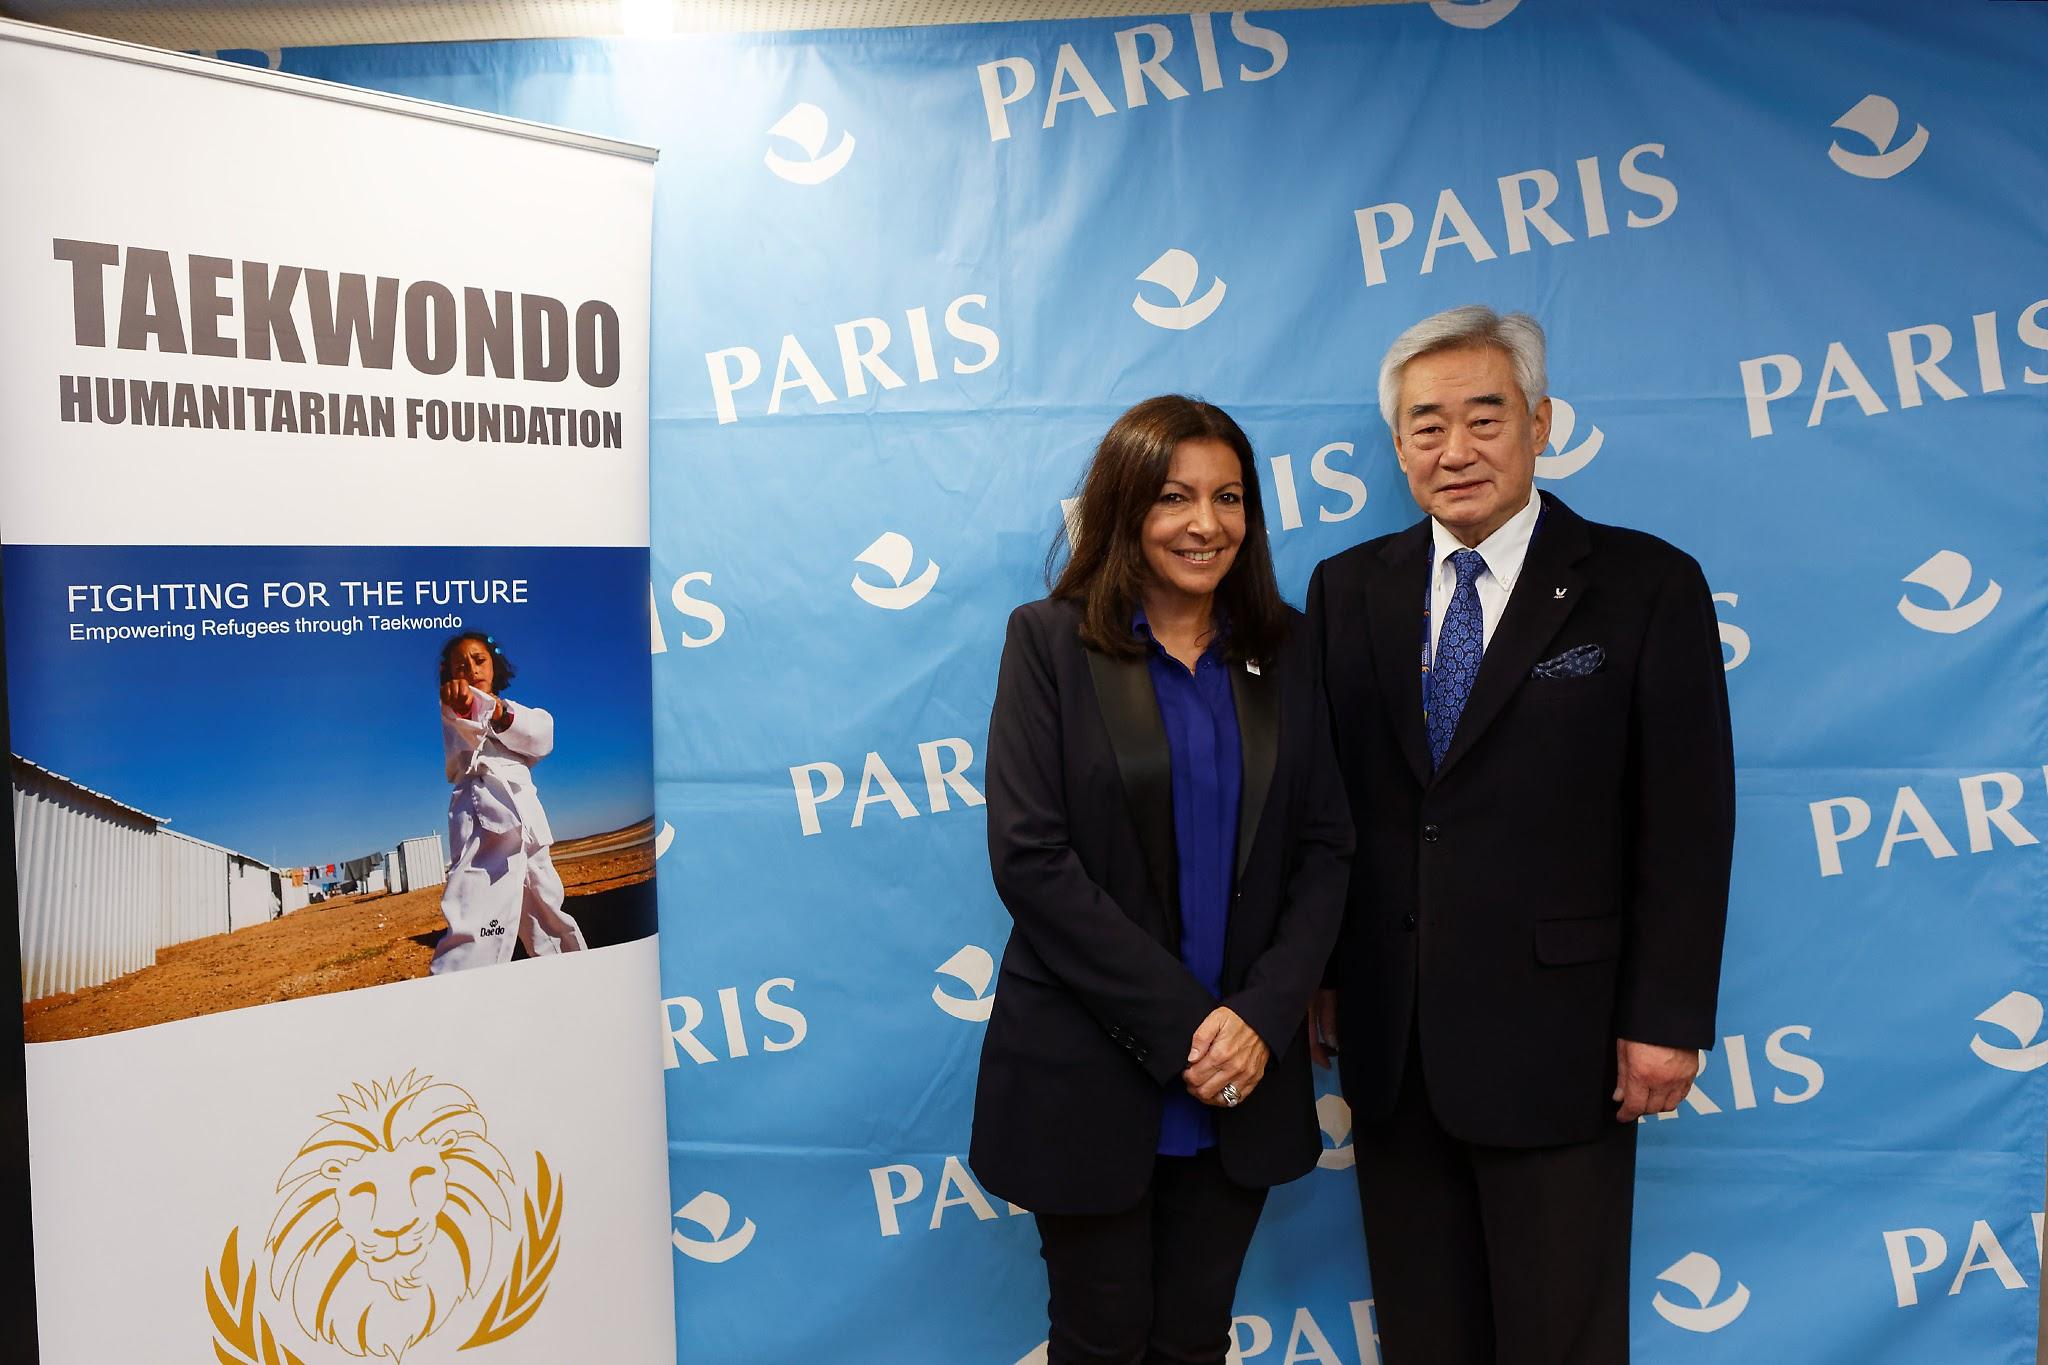 President Choue with Mayor of Paris